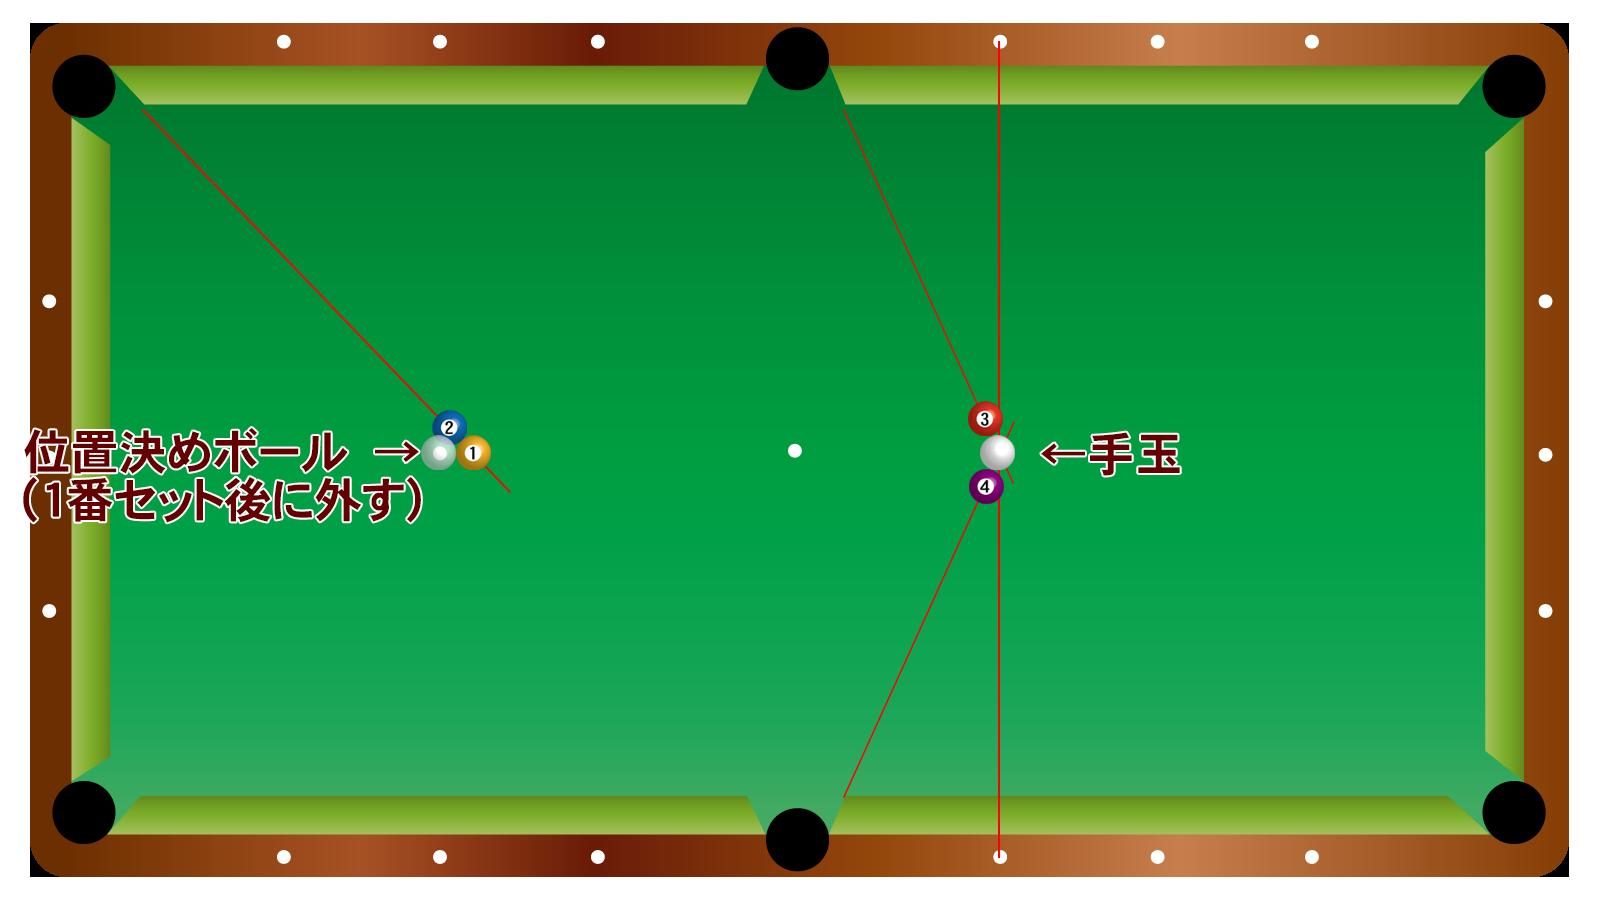 ワンショット2+2のトリックショット配置図